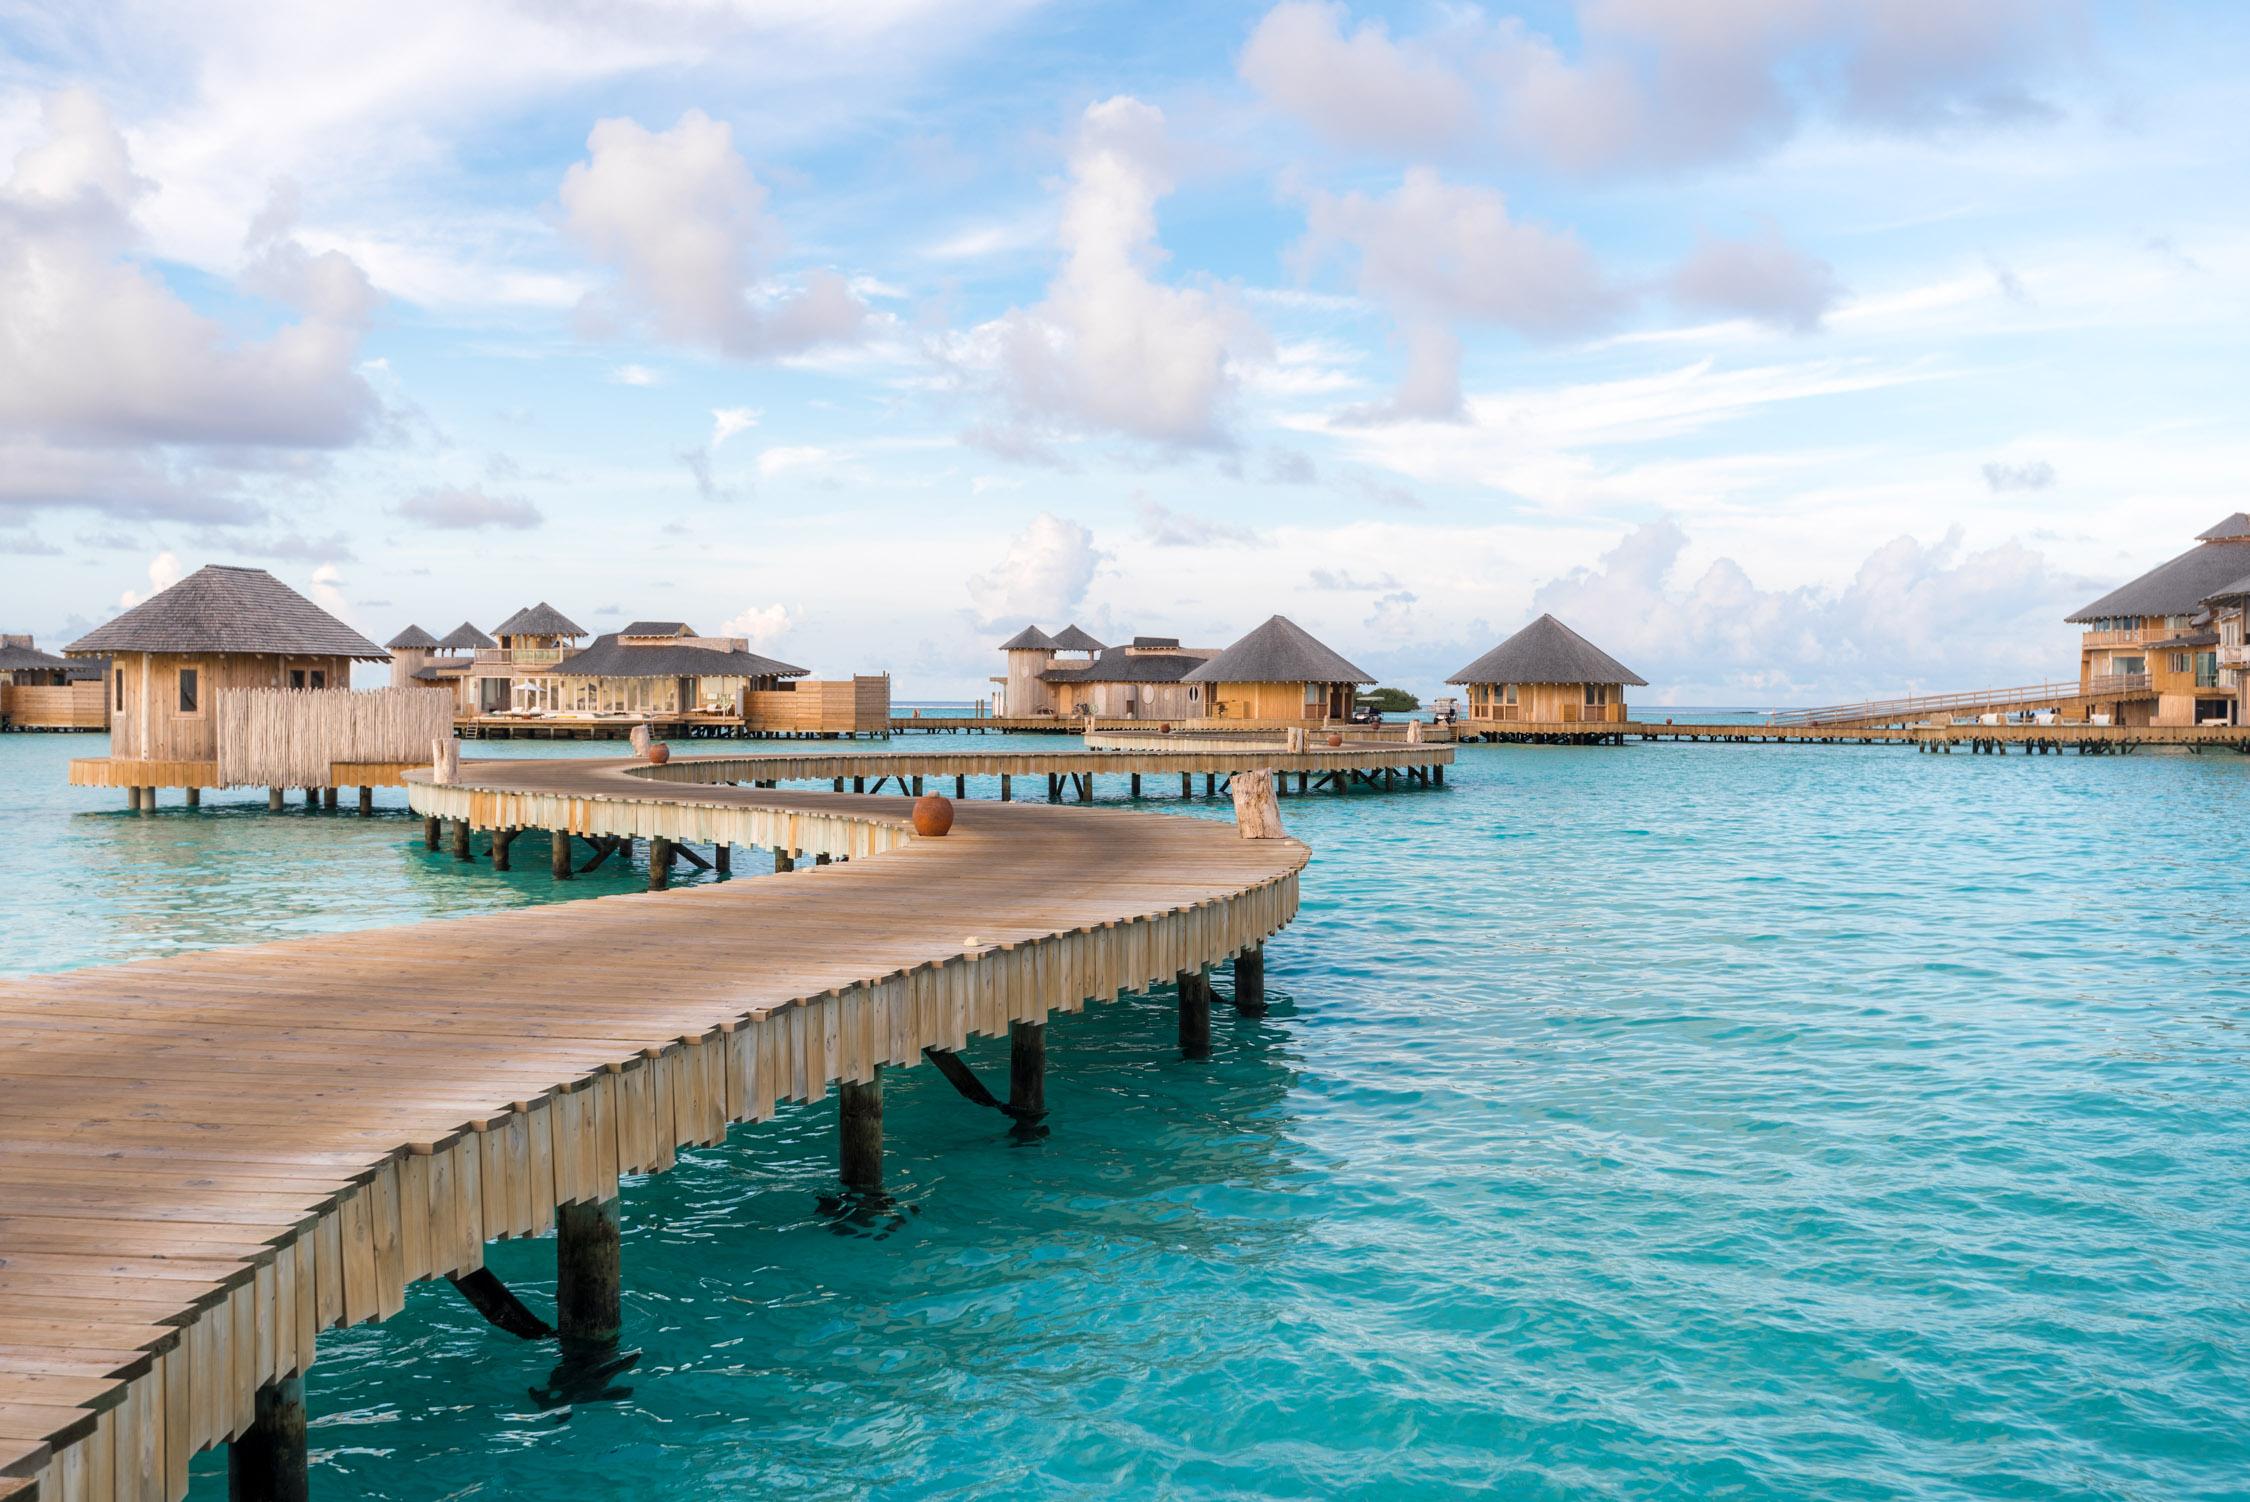 Maldives_Soneva-Jani-200-20170513.jpg